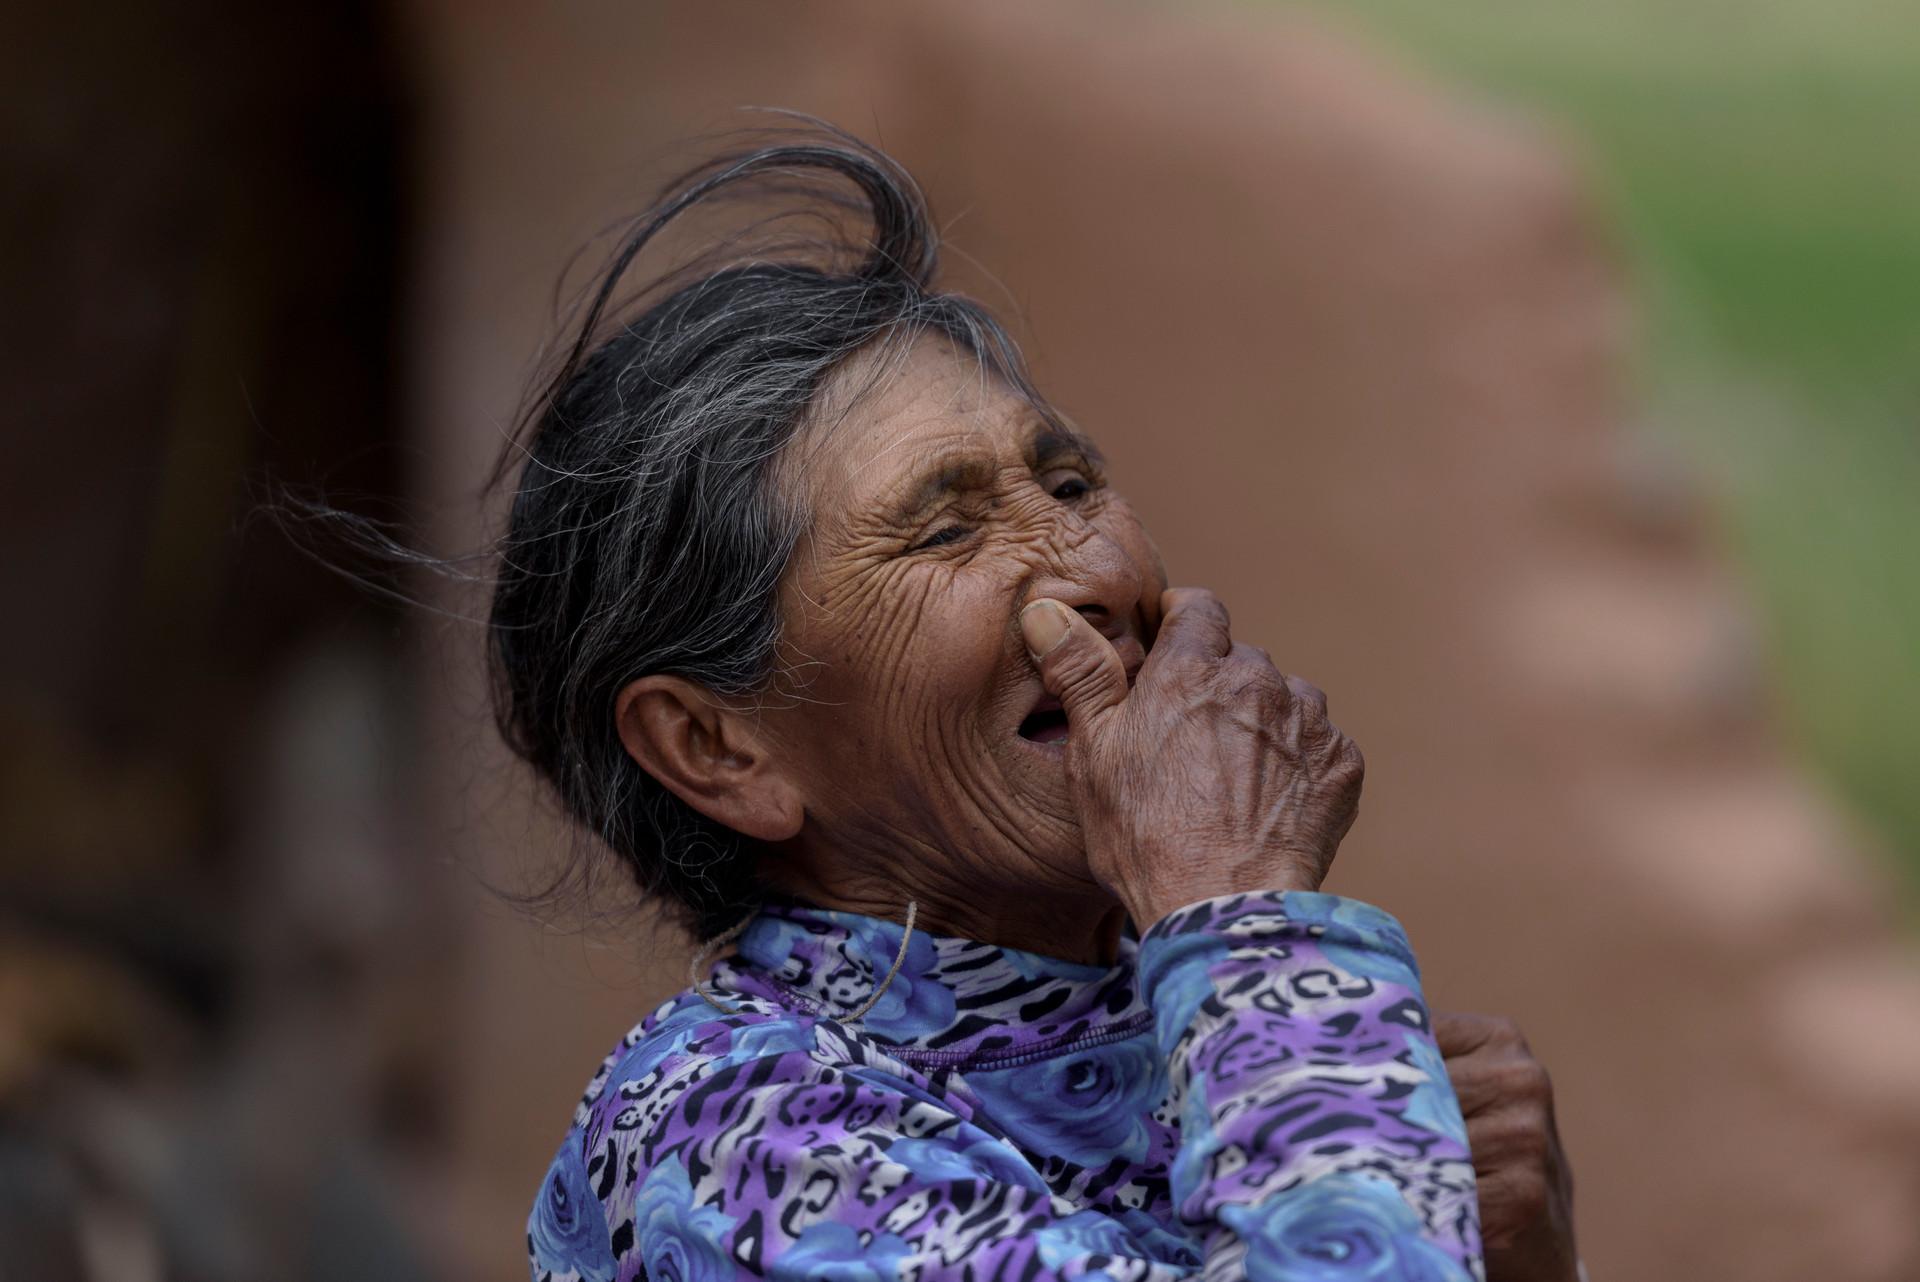 Pastoras. Eulogia Tapia, pastora y cantora de los Valles Calchaquíes, Salta, Argentina